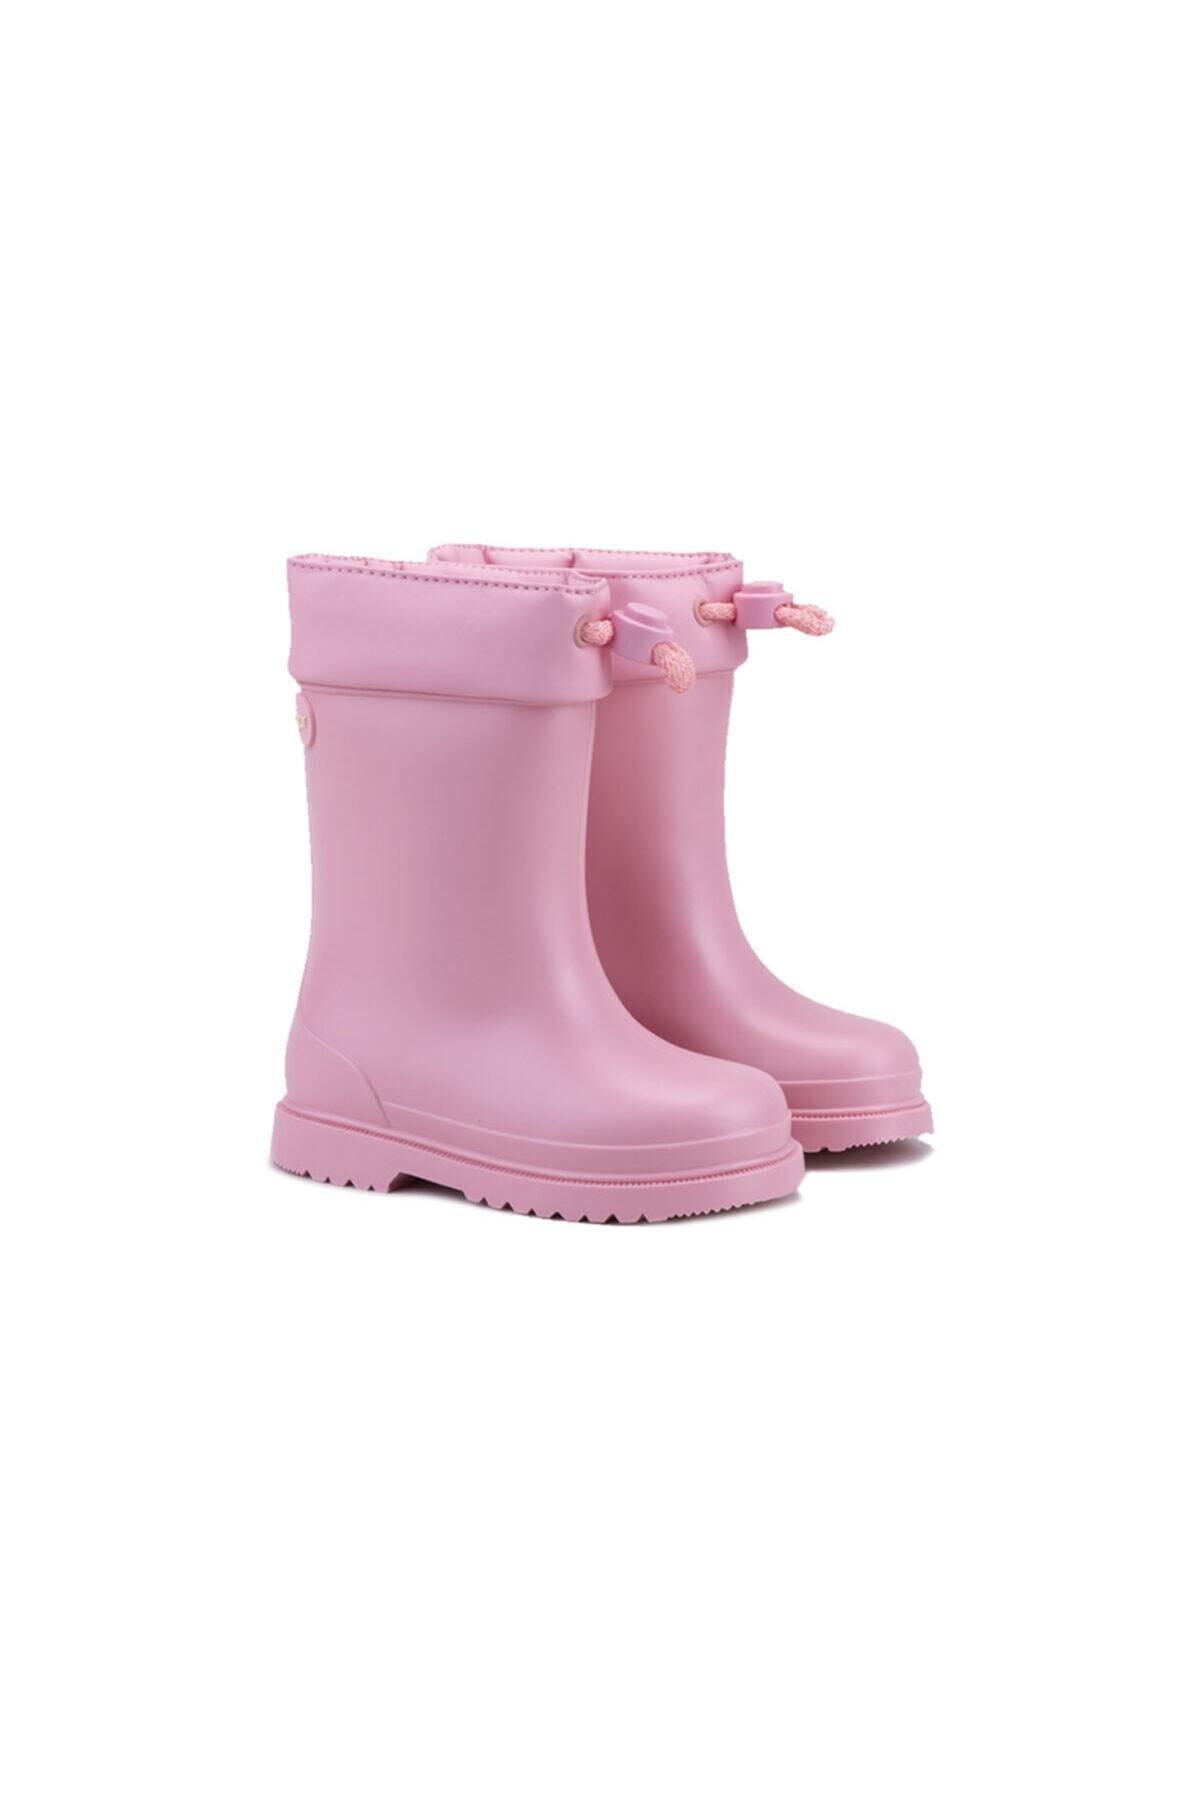 IGOR CHUFO CUELLO Pembe Unisex Çocuk Yağmur Çizmesi 100394496 2